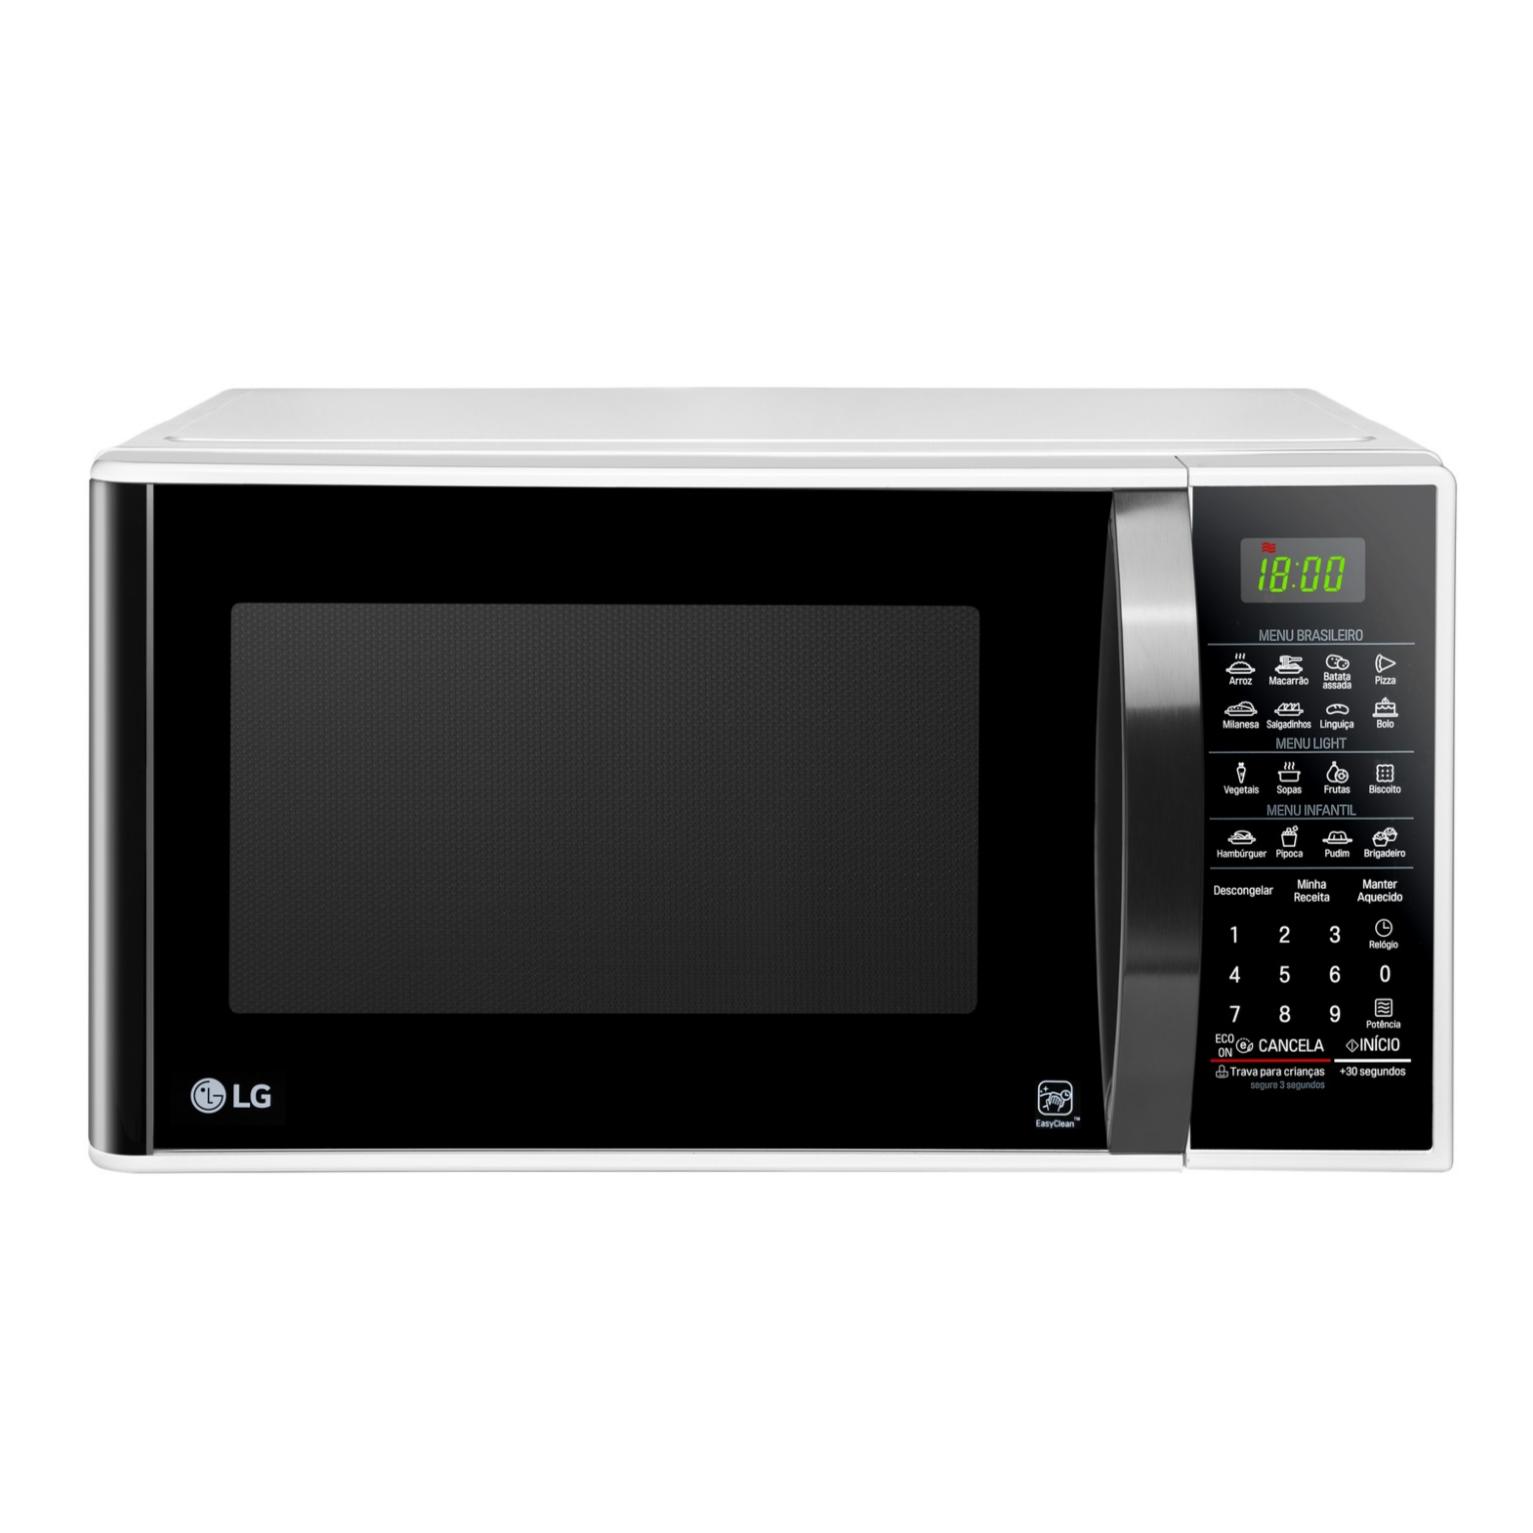 Micro-ondas LG 30L MS3091 800W Branco - 220V